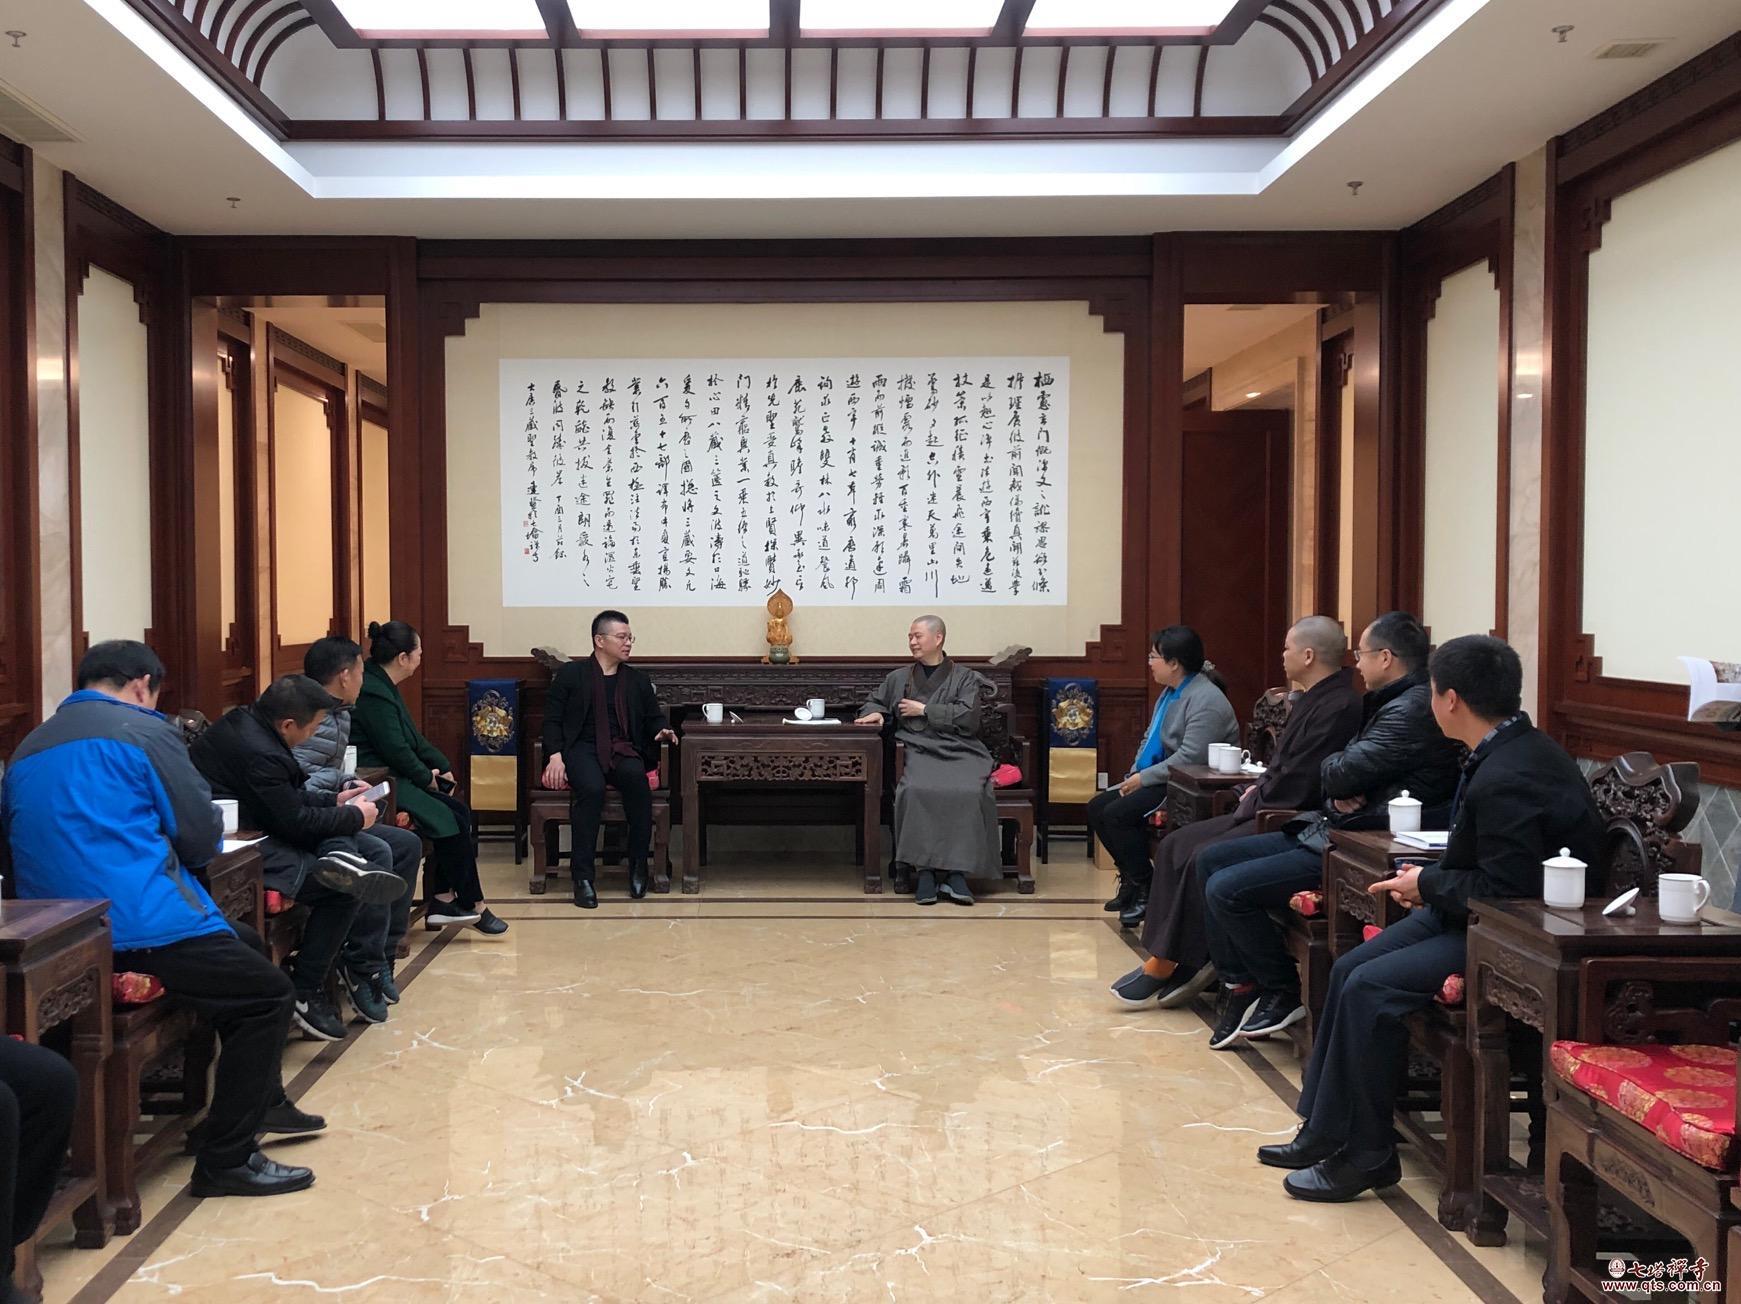 宁波市宗教场所出版物专项检查小组视察栖心图书馆